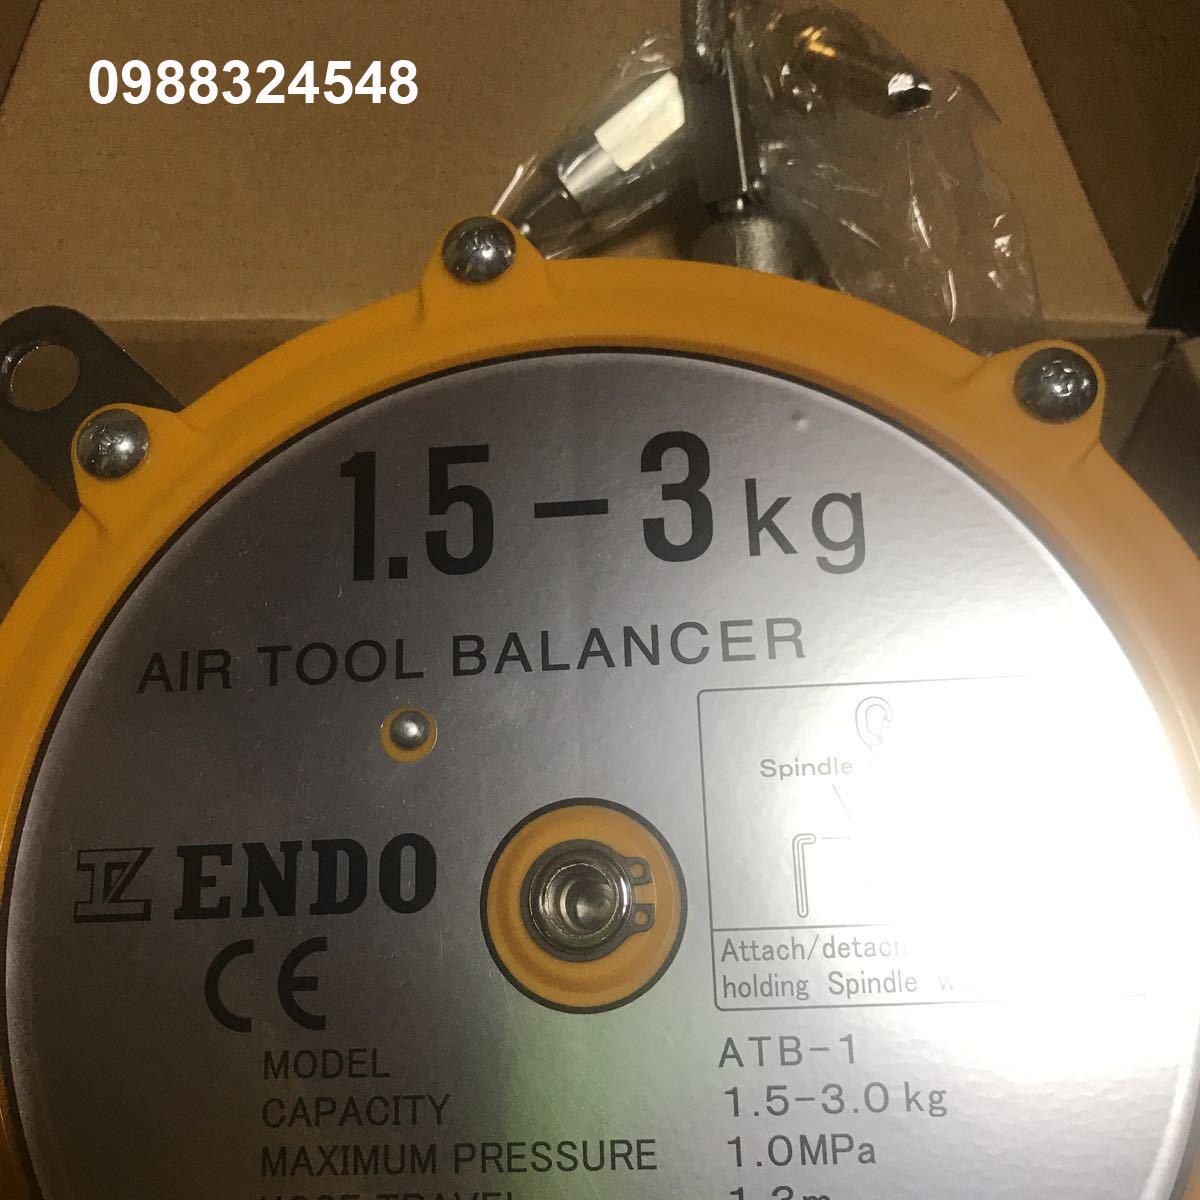 Pa lăng cân bằng Endo ATB-1